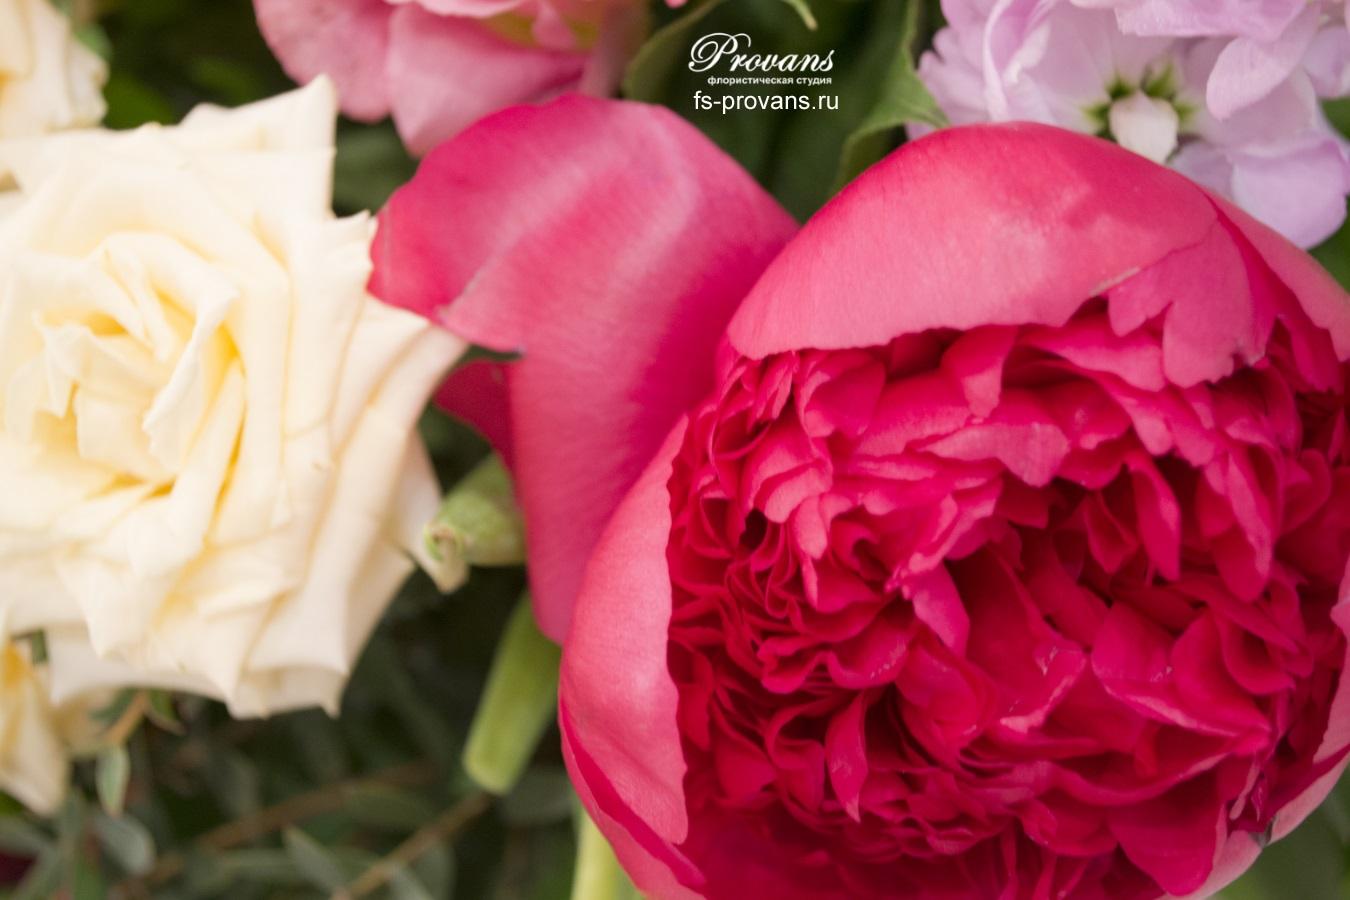 Букет на день рождения. Пионы, розы, эустома, тюльпаны